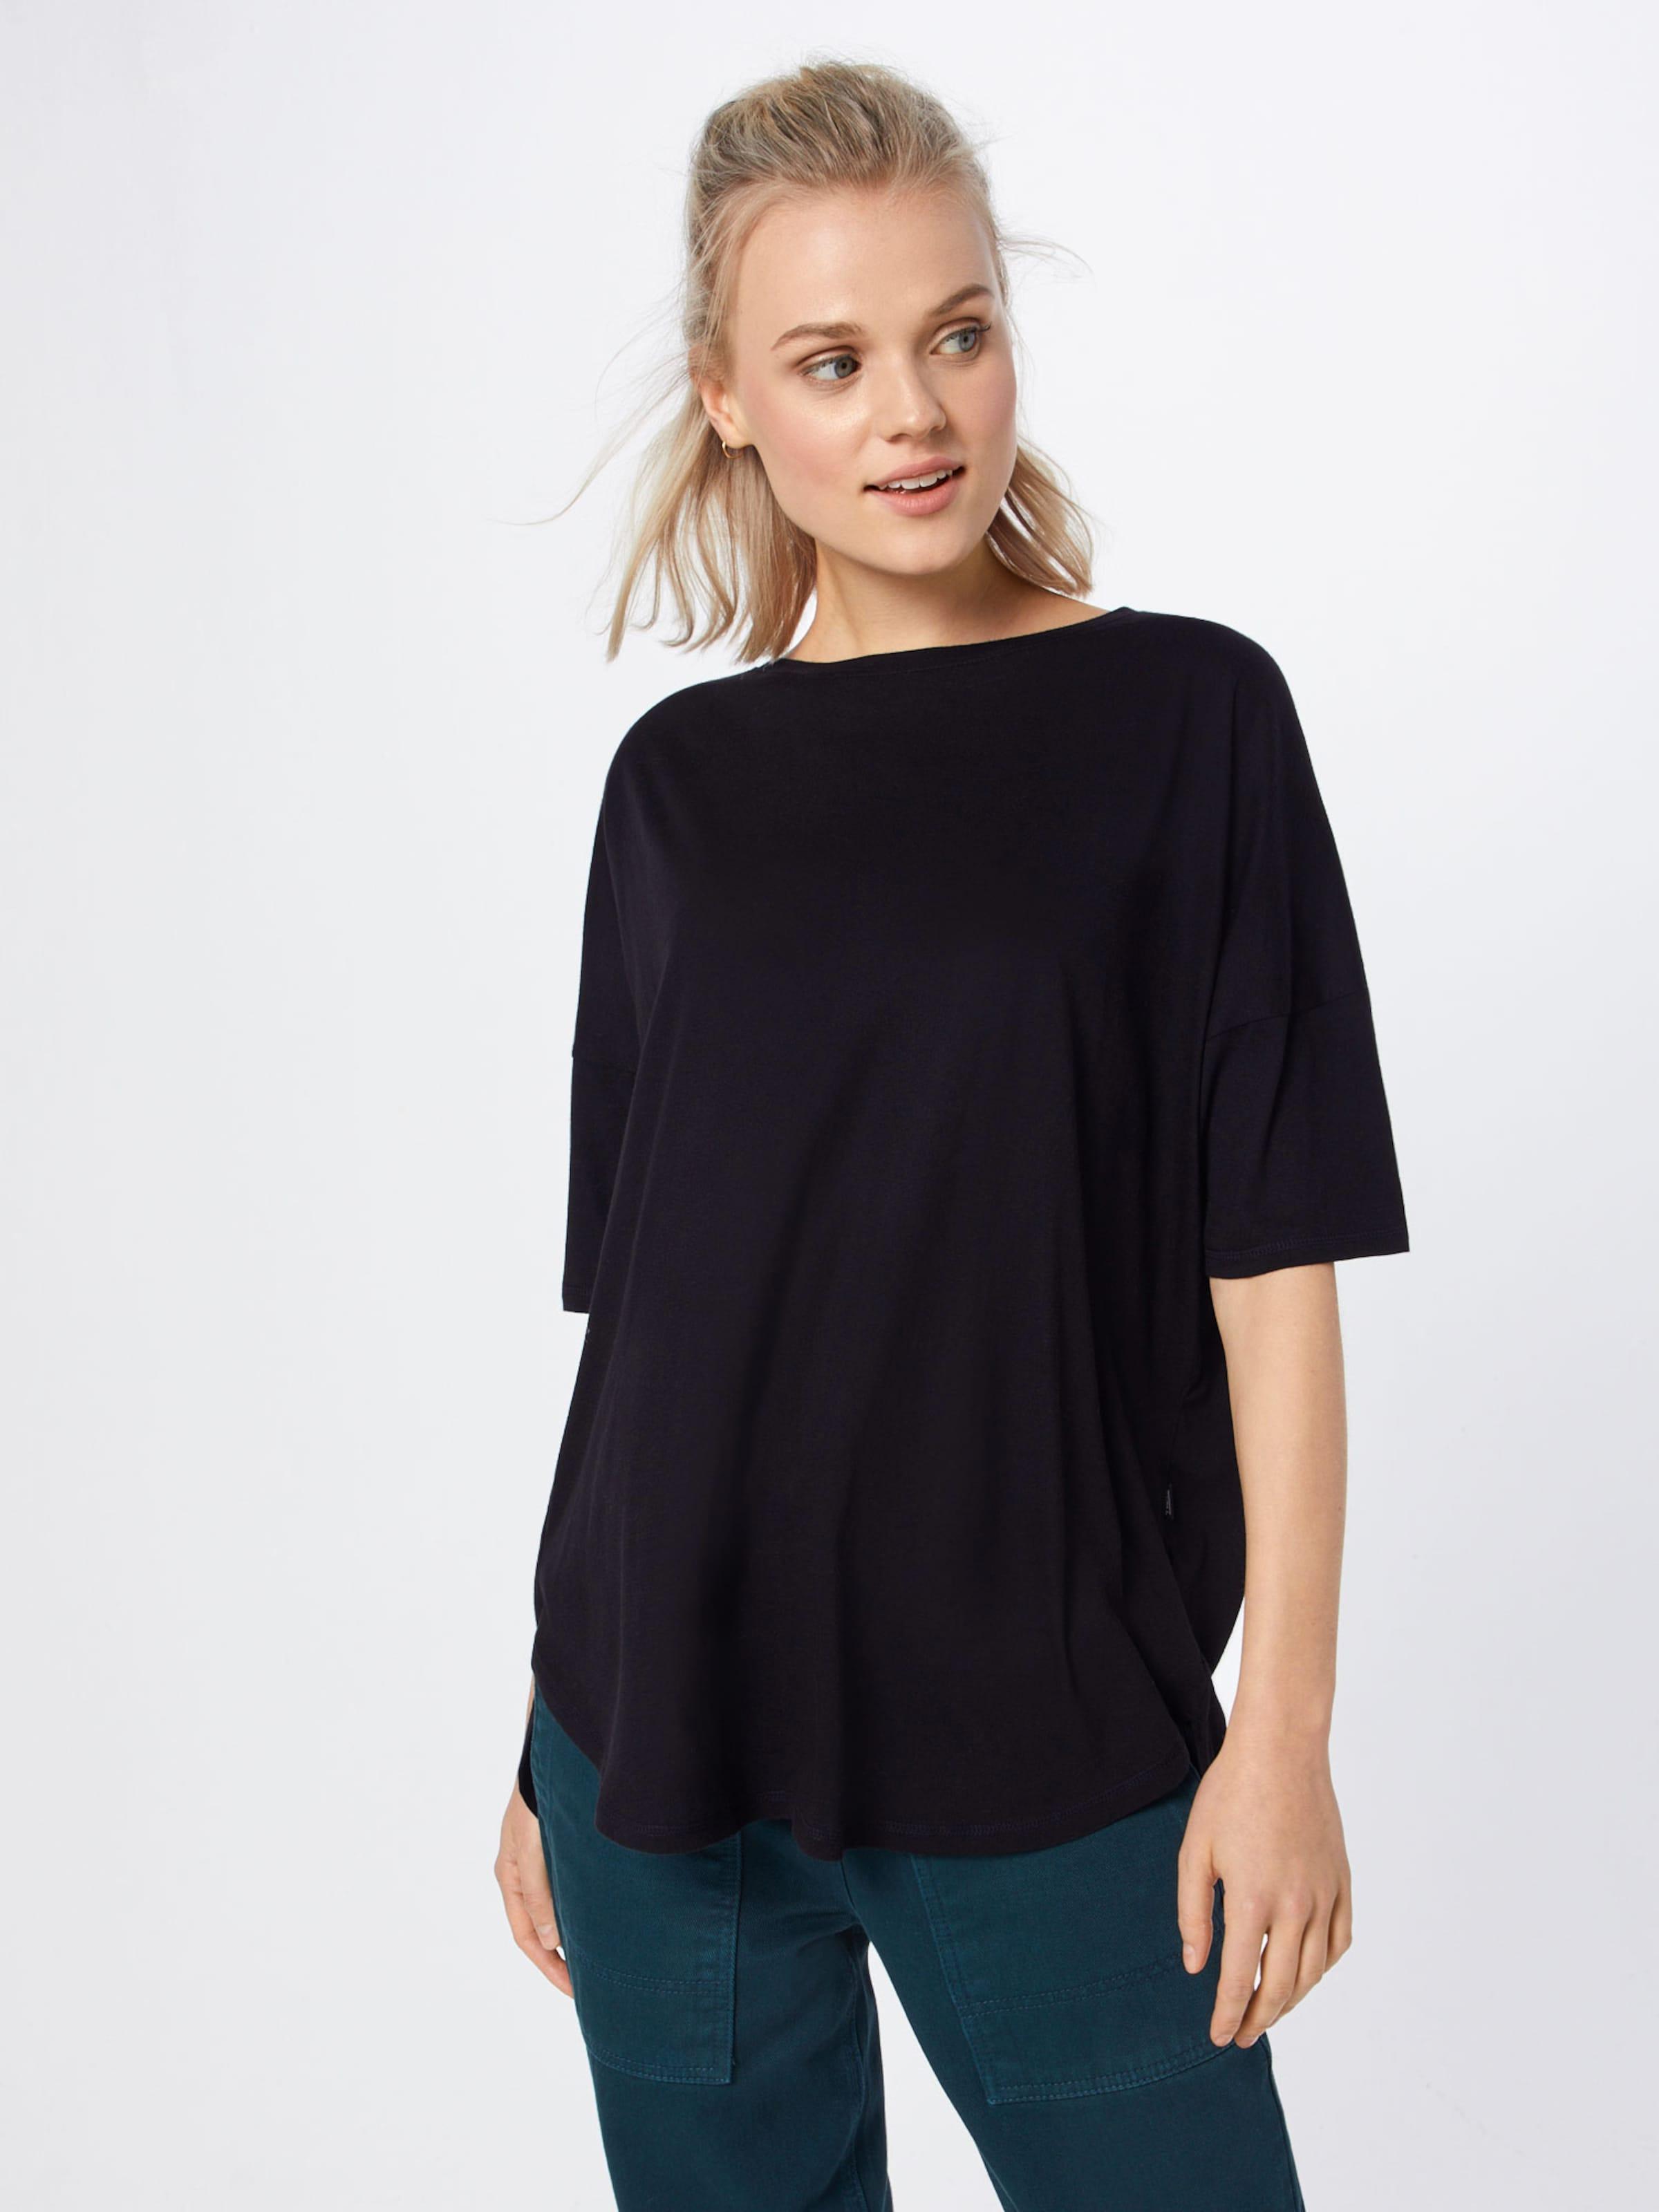 Essentials T T O shirt' En Noir s O'neill shirt 'lw lcTFK1J